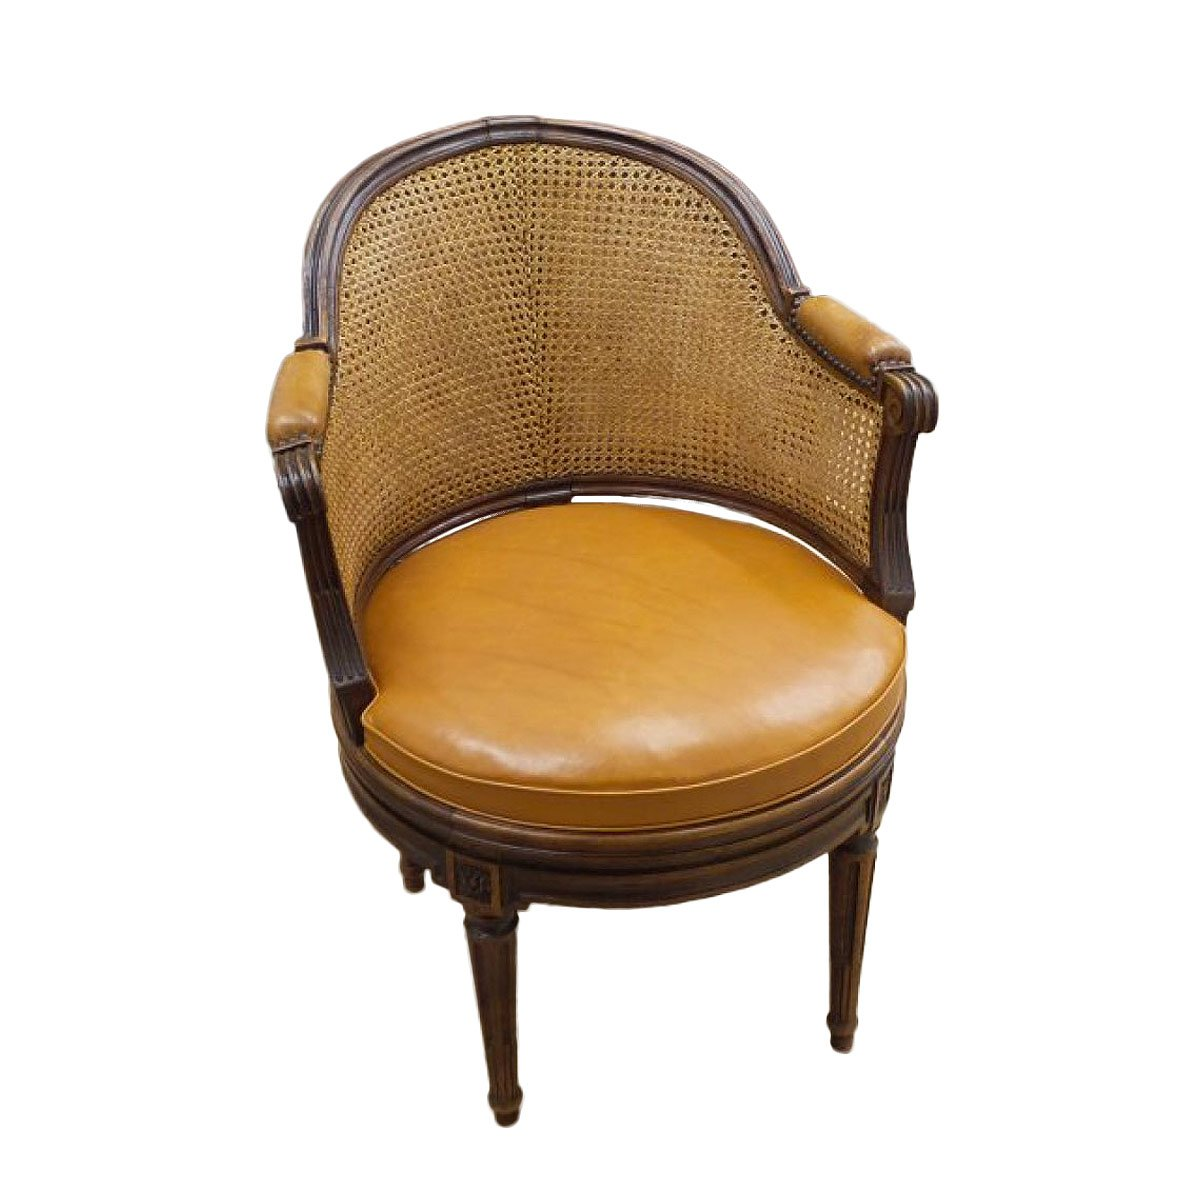 fauteuil de bureau tournant d 39 poque louis xvi estampill r my xviiie si cle. Black Bedroom Furniture Sets. Home Design Ideas